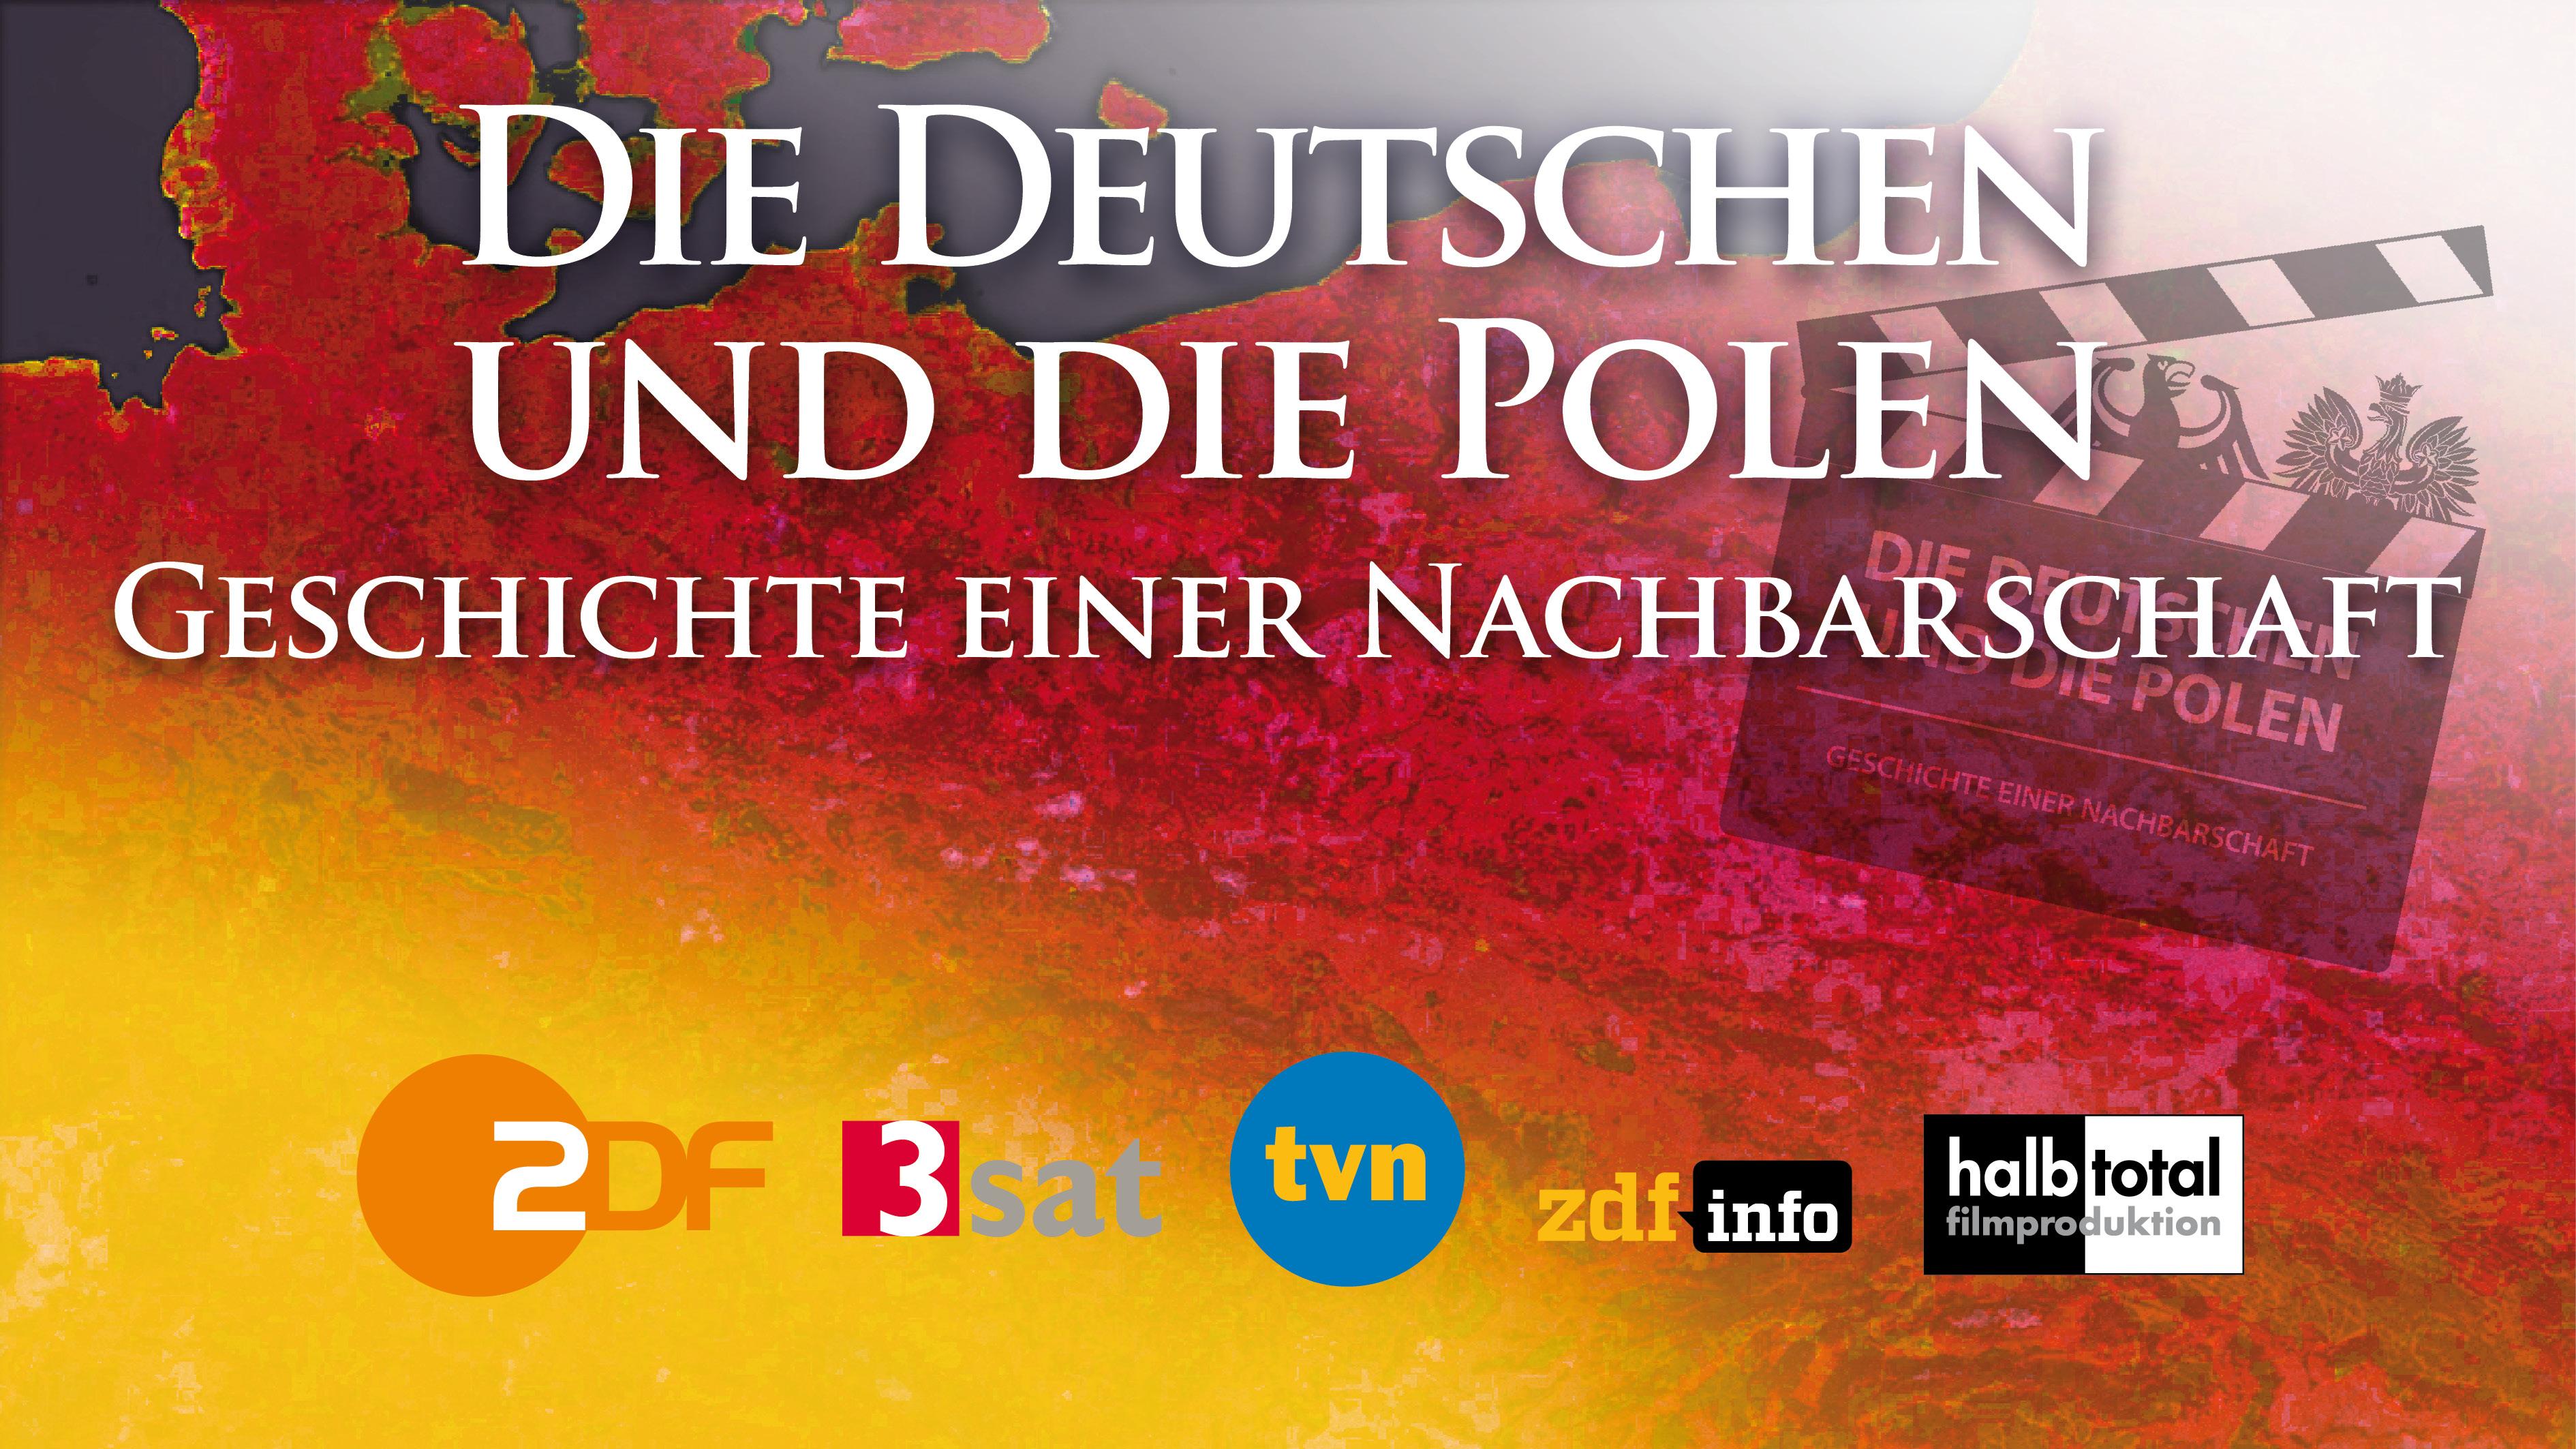 Die Deutschen und die Polen: Website für ein Filmprojekt